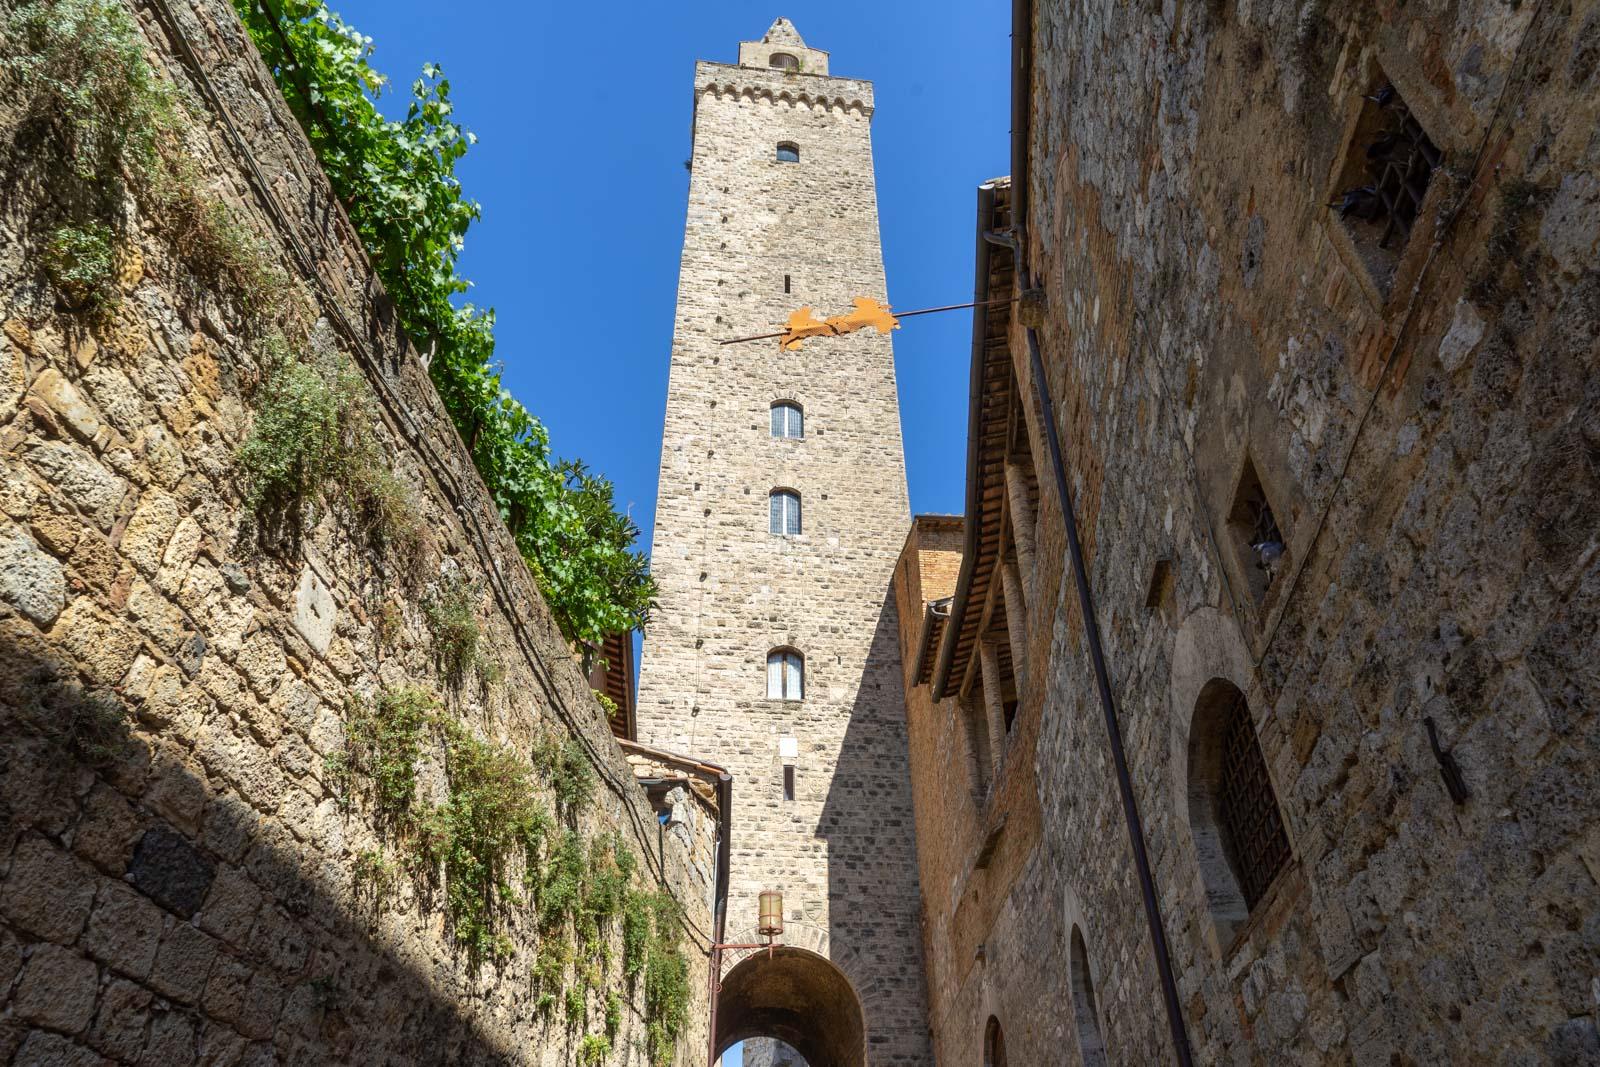 Torre Grossa, San Gimignano